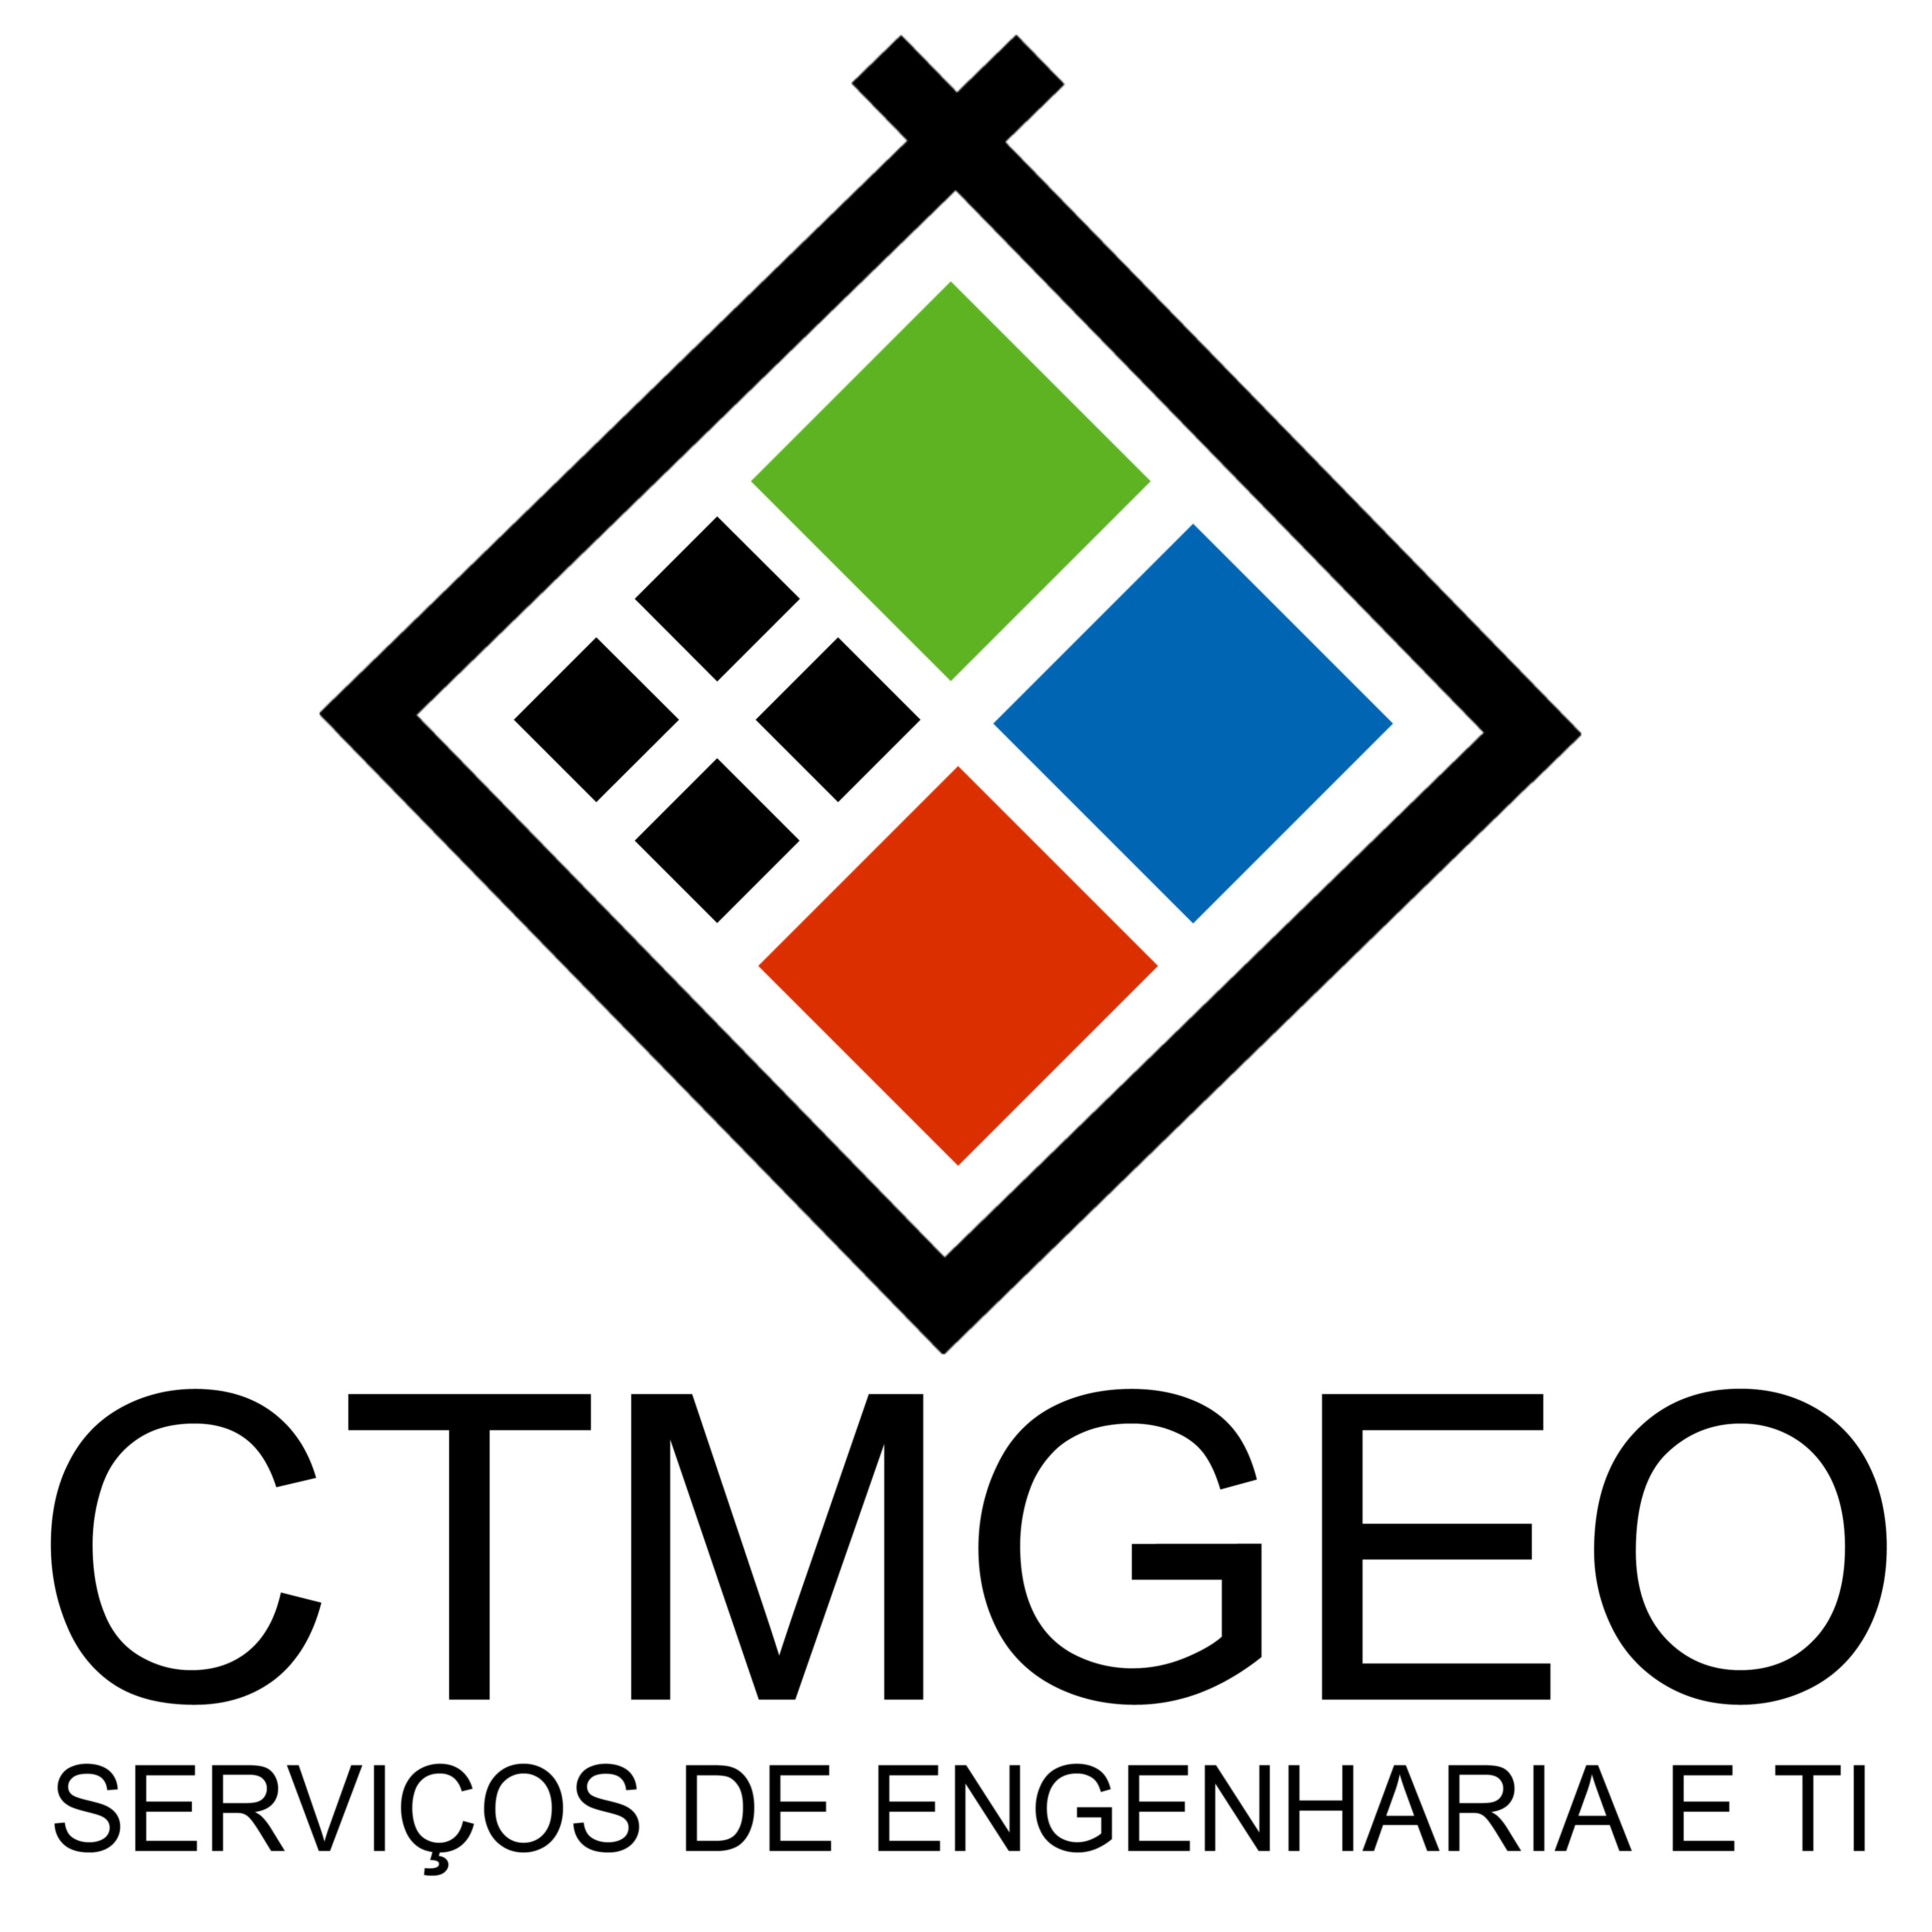 ^65C4110BDD021C60D7A2ED0AACA752163A152C26A6BA9ECB05^pimgpsh fullsize distr Mais uma empresa confirmada na feira MundoGEO#Connect Latin America 2016!